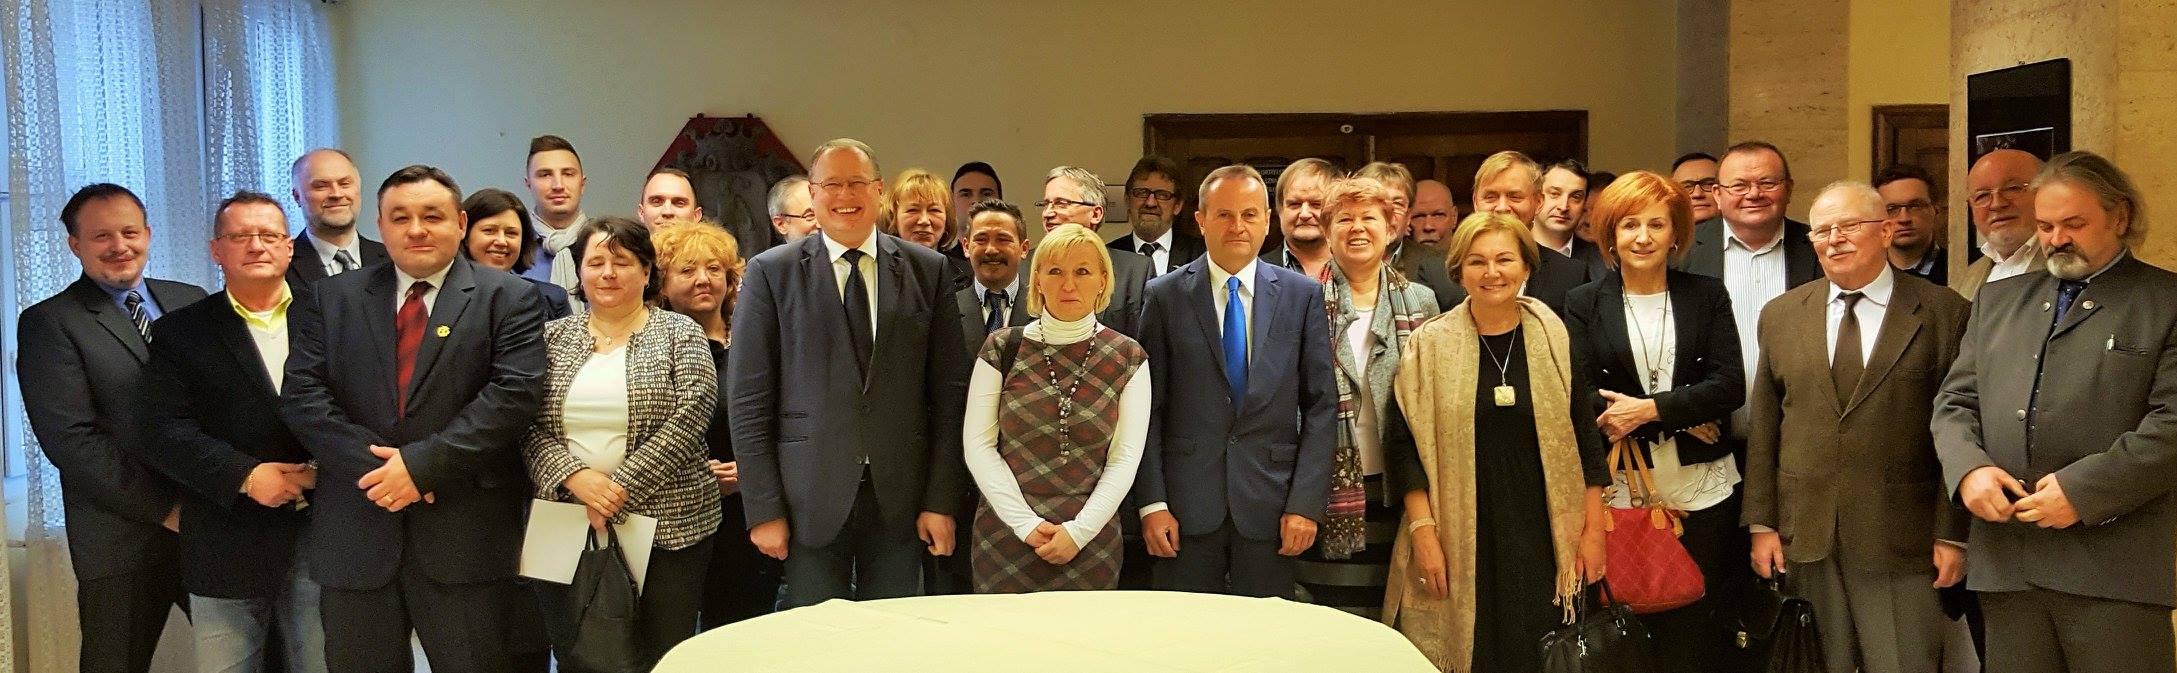 Aláírásra került a Nógrád Megyei Foglalkoztatási Paktum Megállapodás